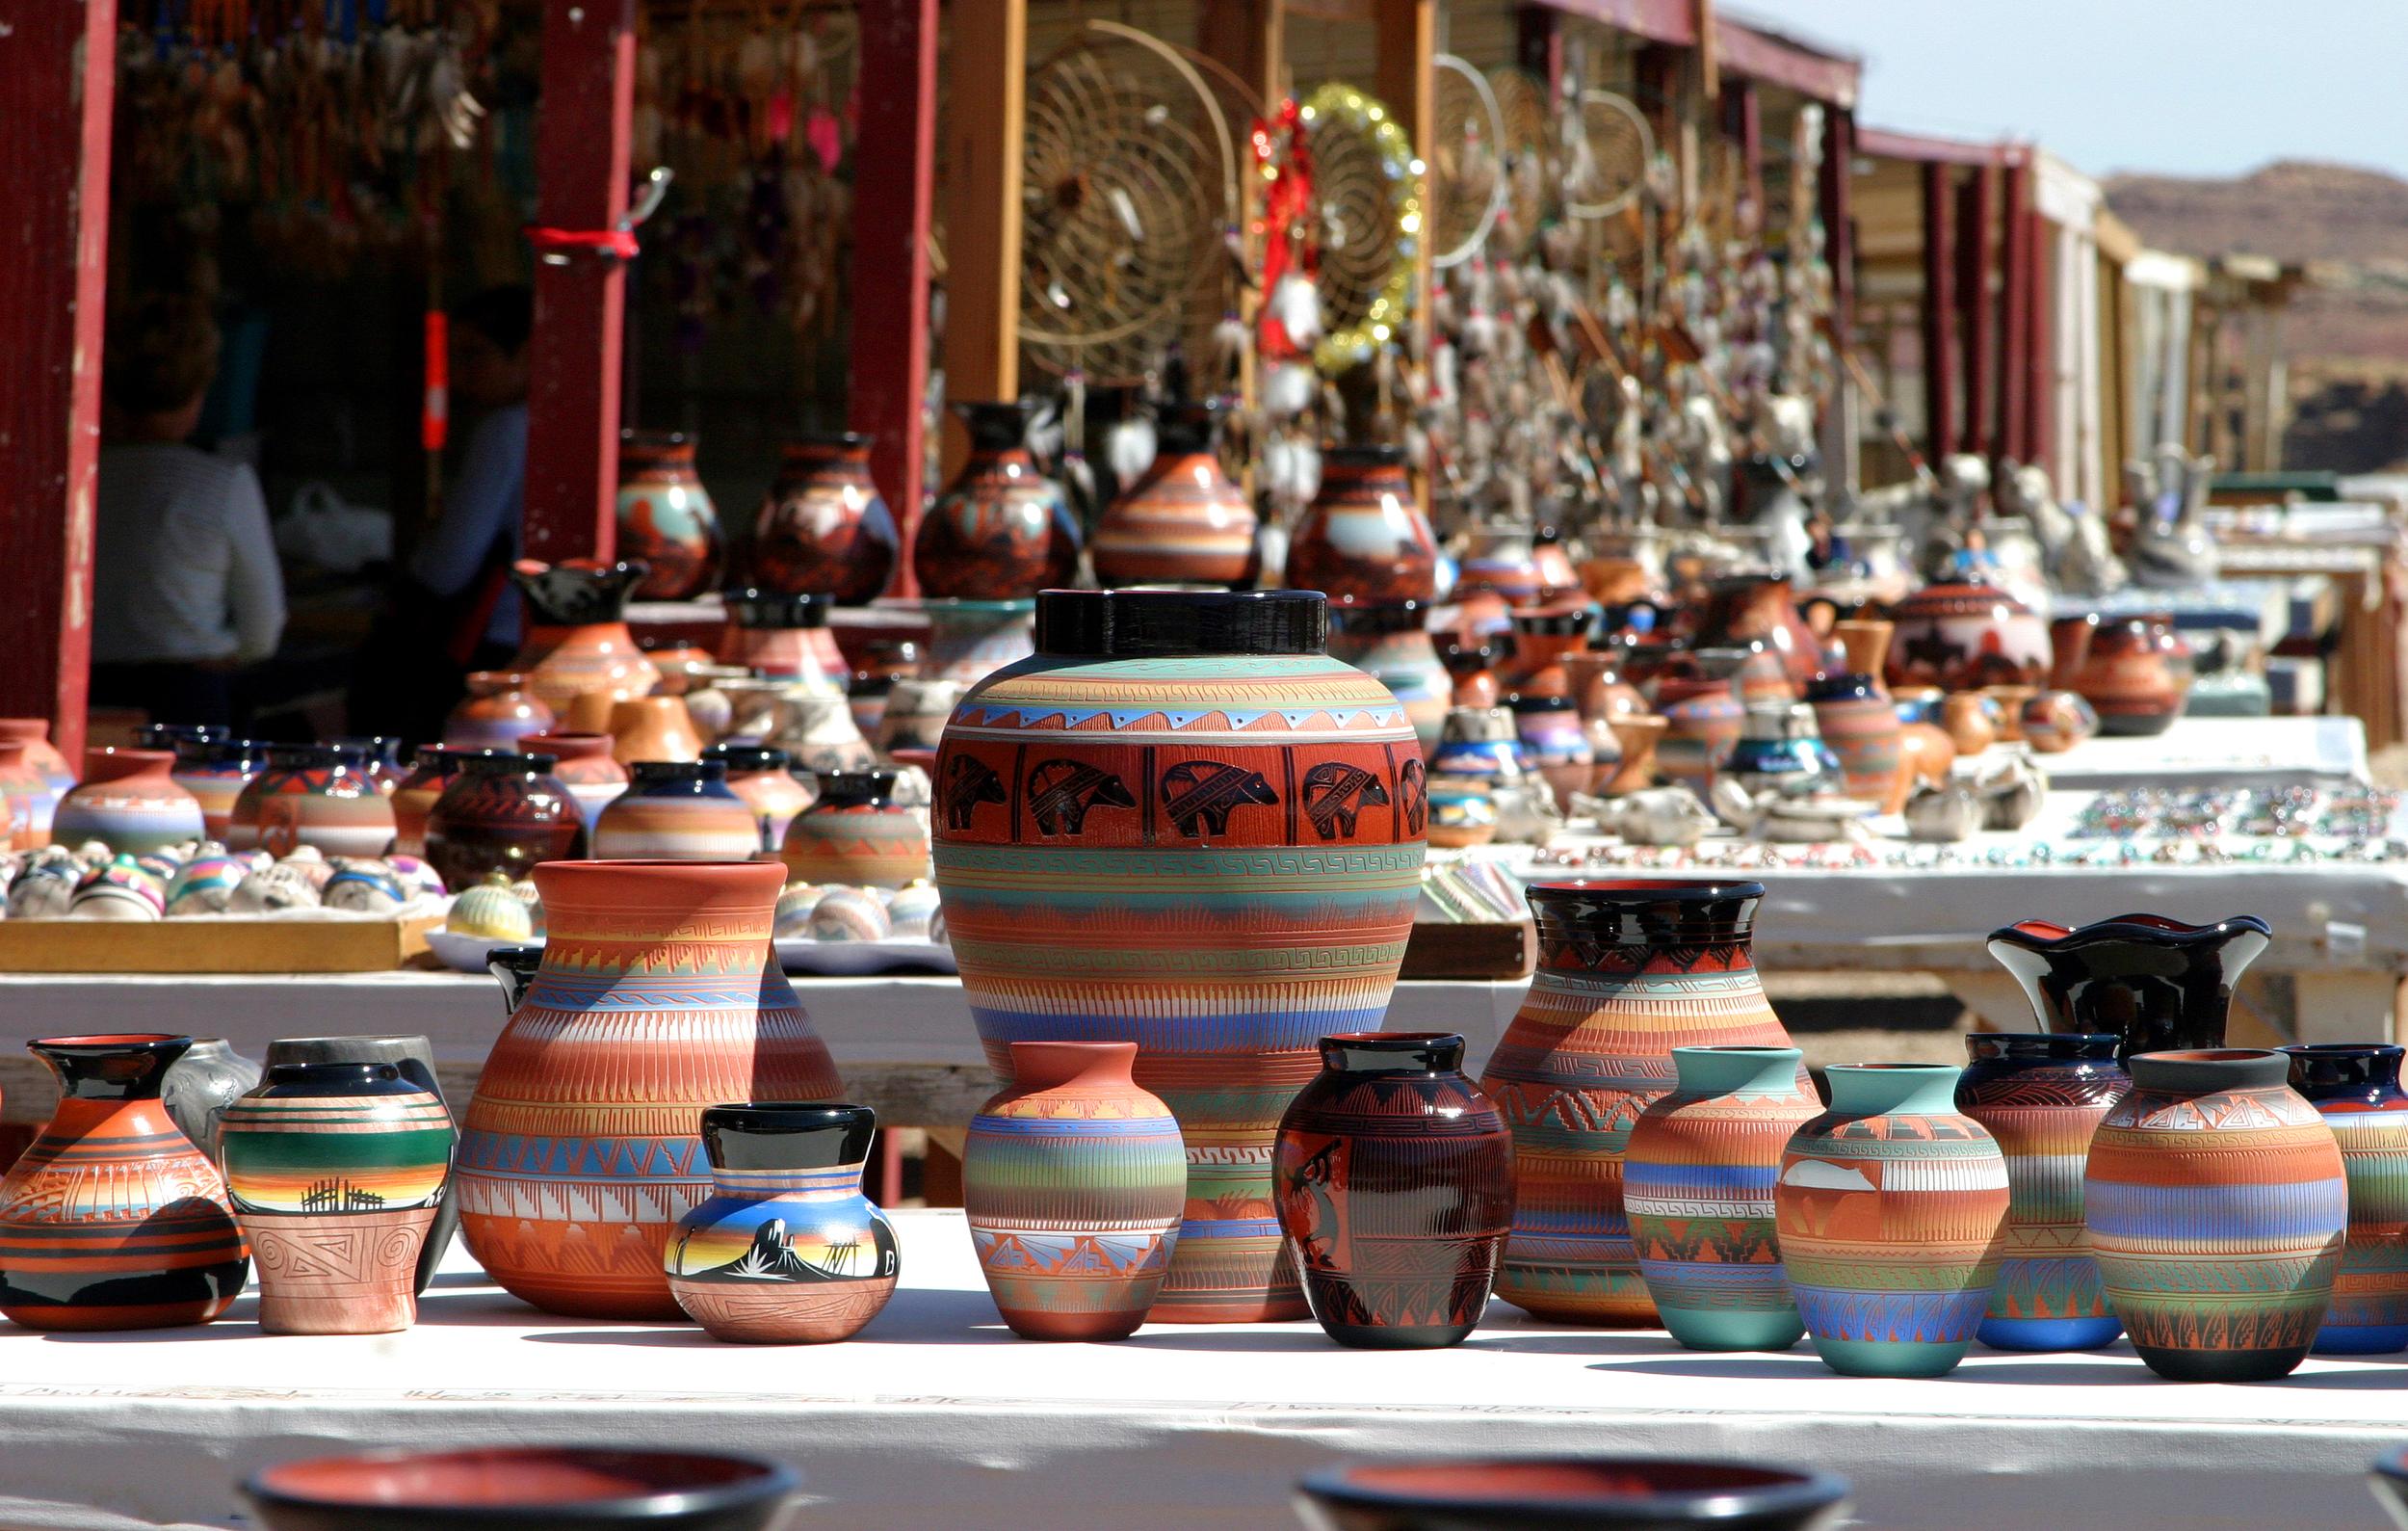 A Navajo market, Arizona